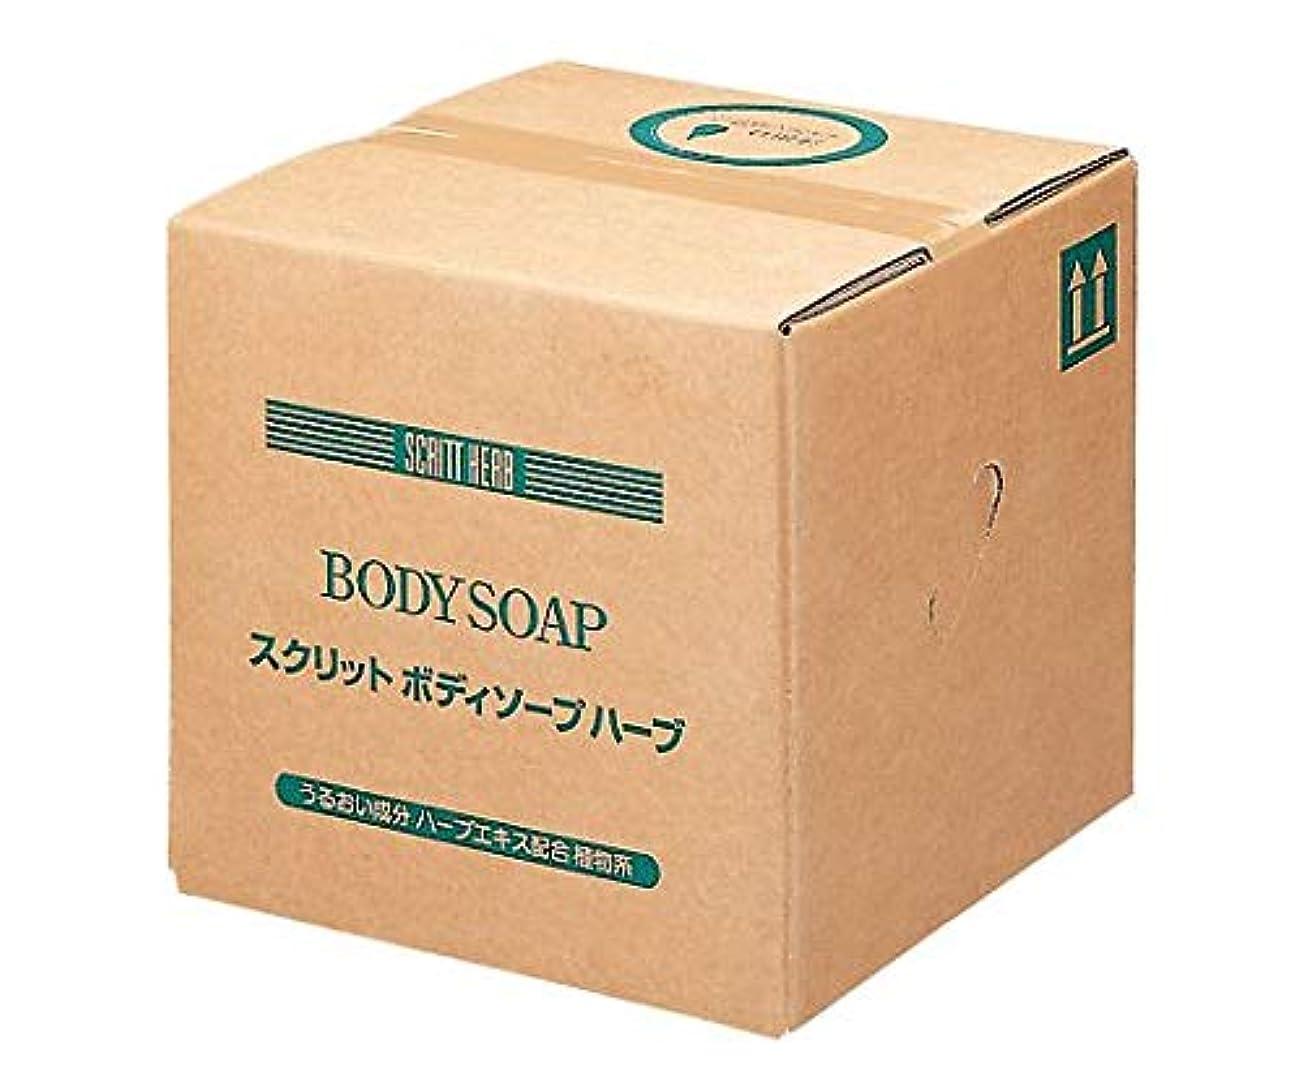 横新鮮な混合熊野油脂 業務用 SCRITT(スクリット) ボデイソ-プ 18L